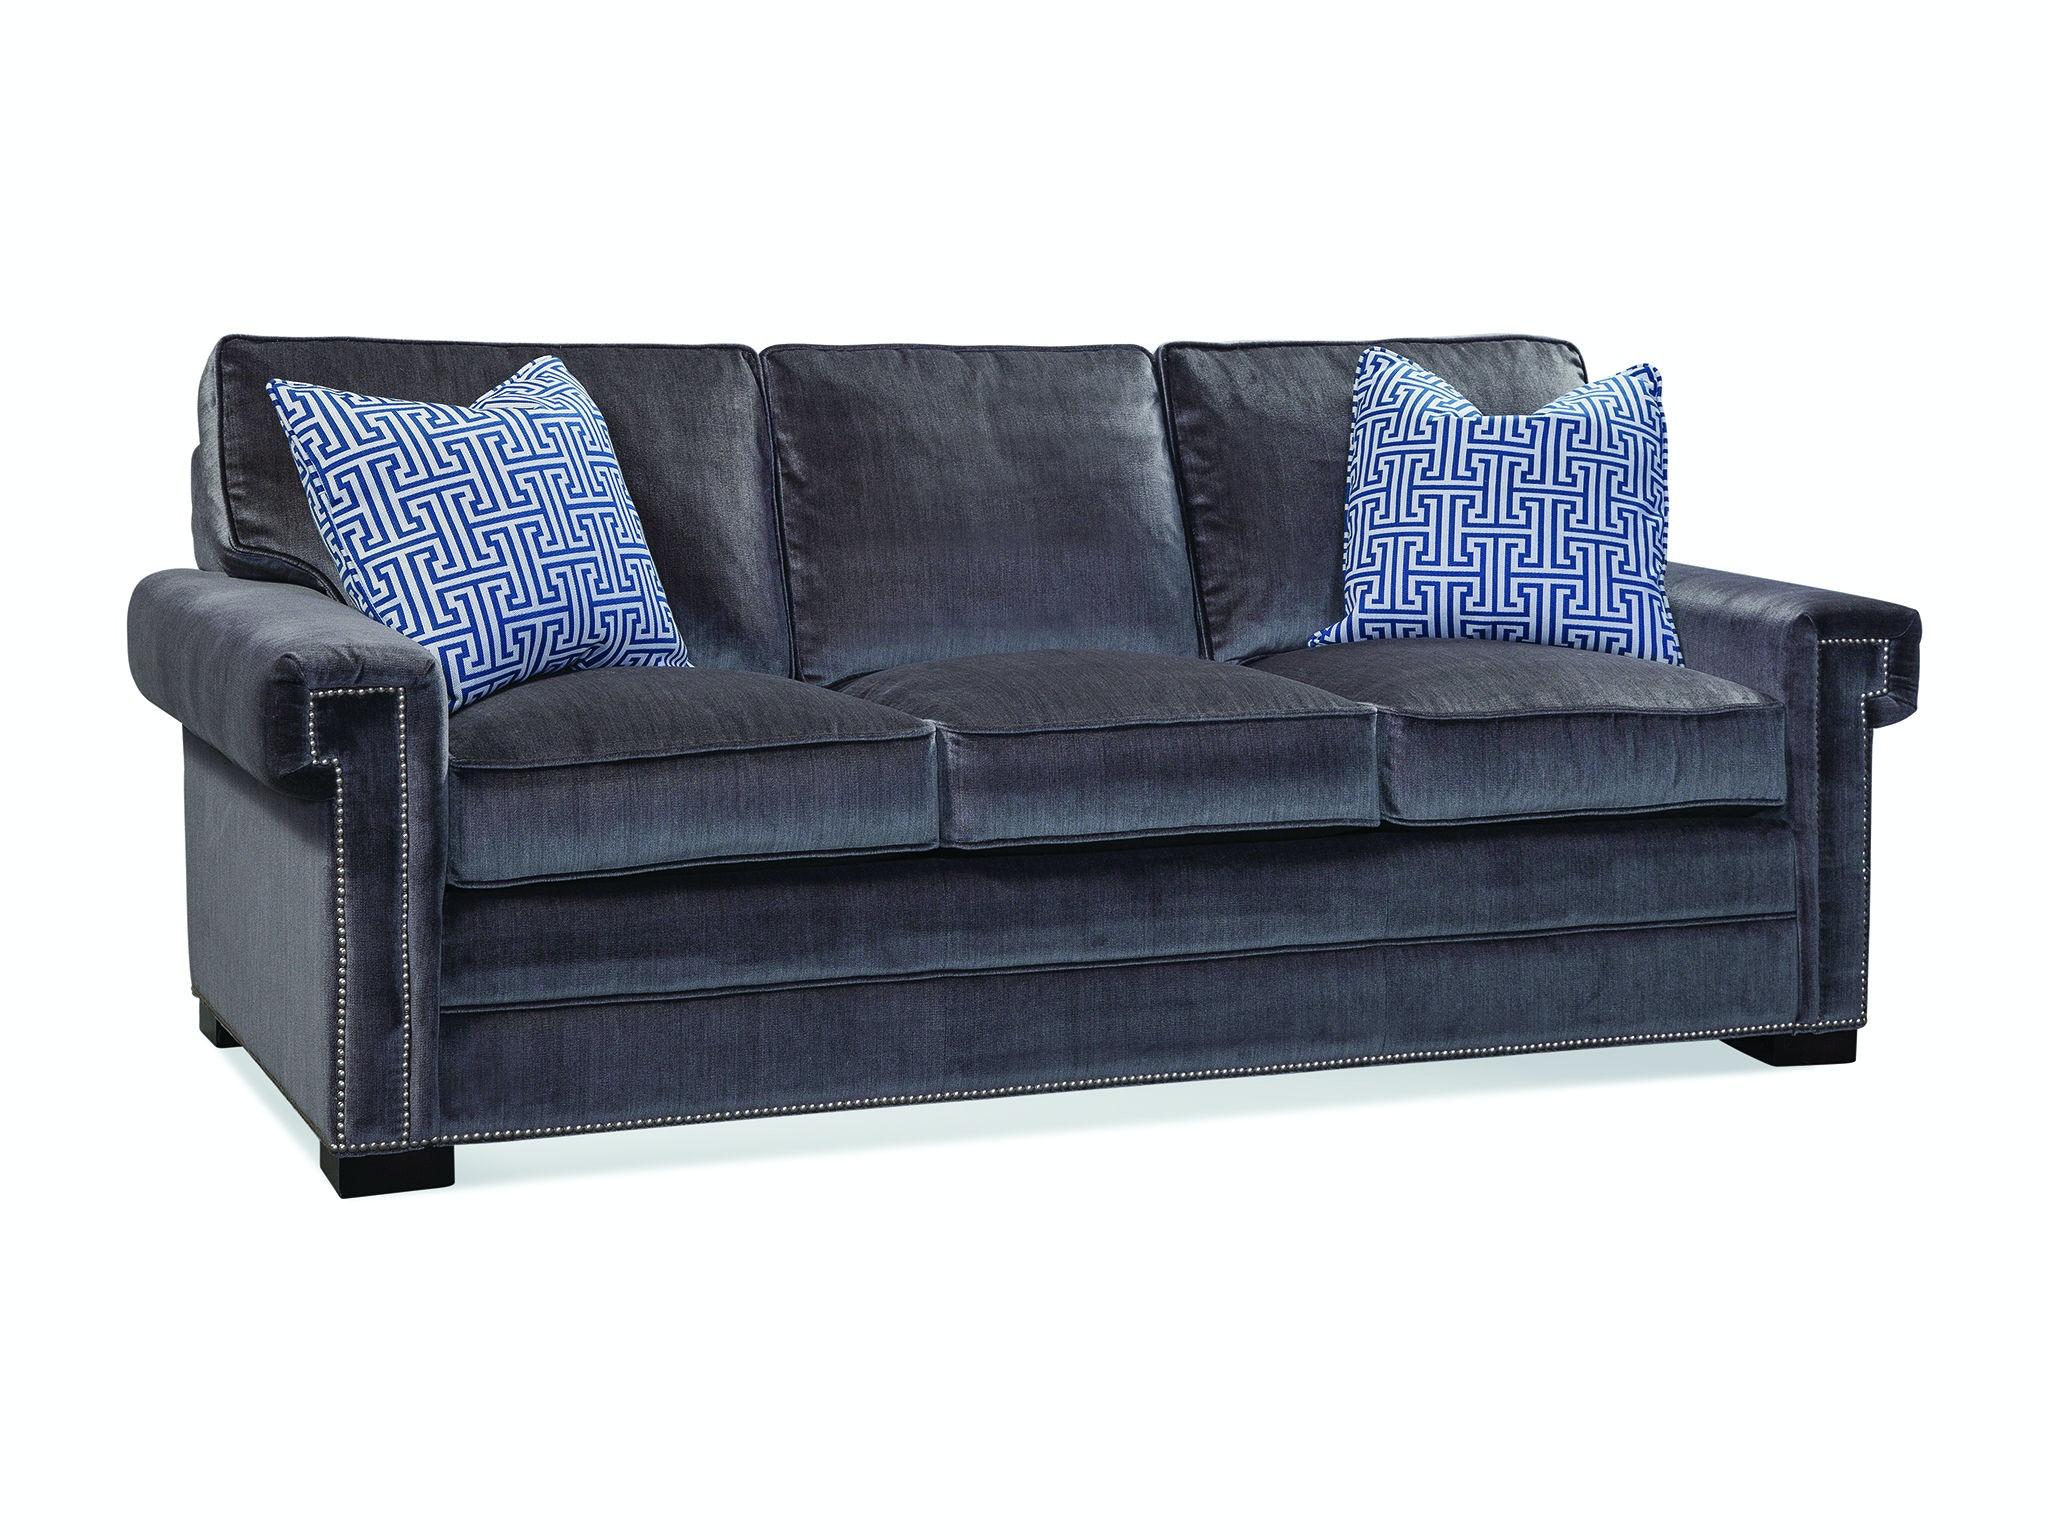 Madison Sofa with Nailhead Trim 5752-011SN